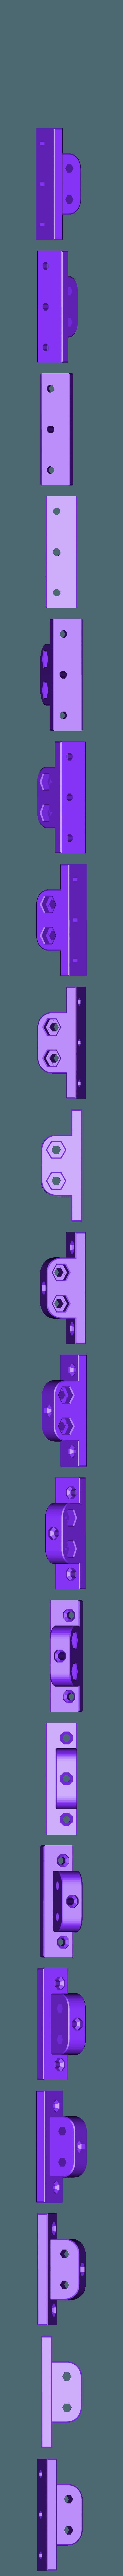 hinge.stl Télécharger fichier STL gratuit Porte-bobine • Design imprimable en 3D, dasaki